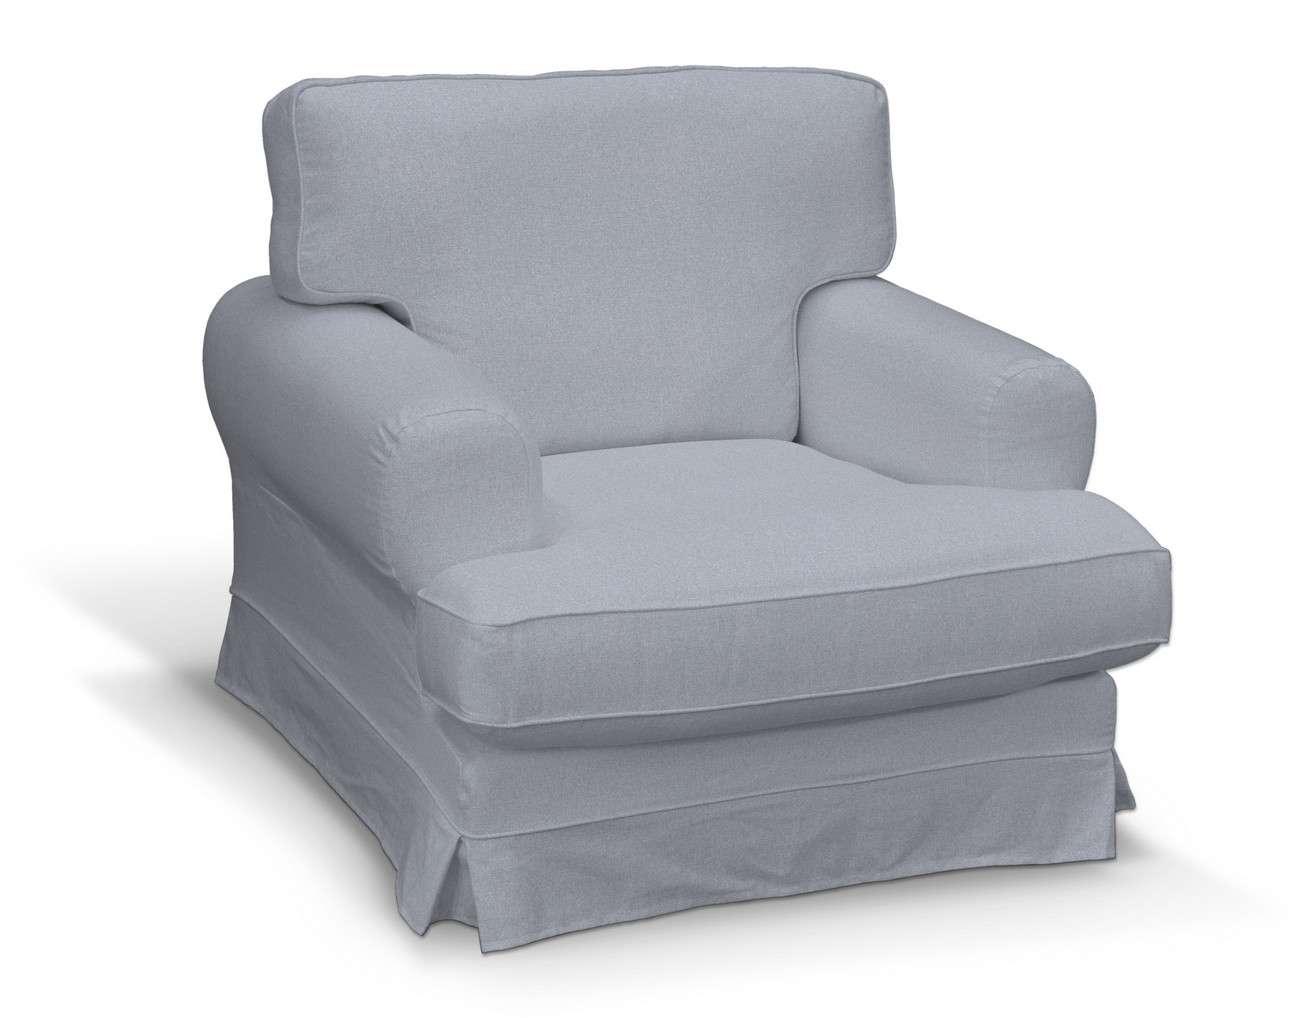 Pokrowiec na fotel Ekeskog w kolekcji Amsterdam, tkanina: 704-46